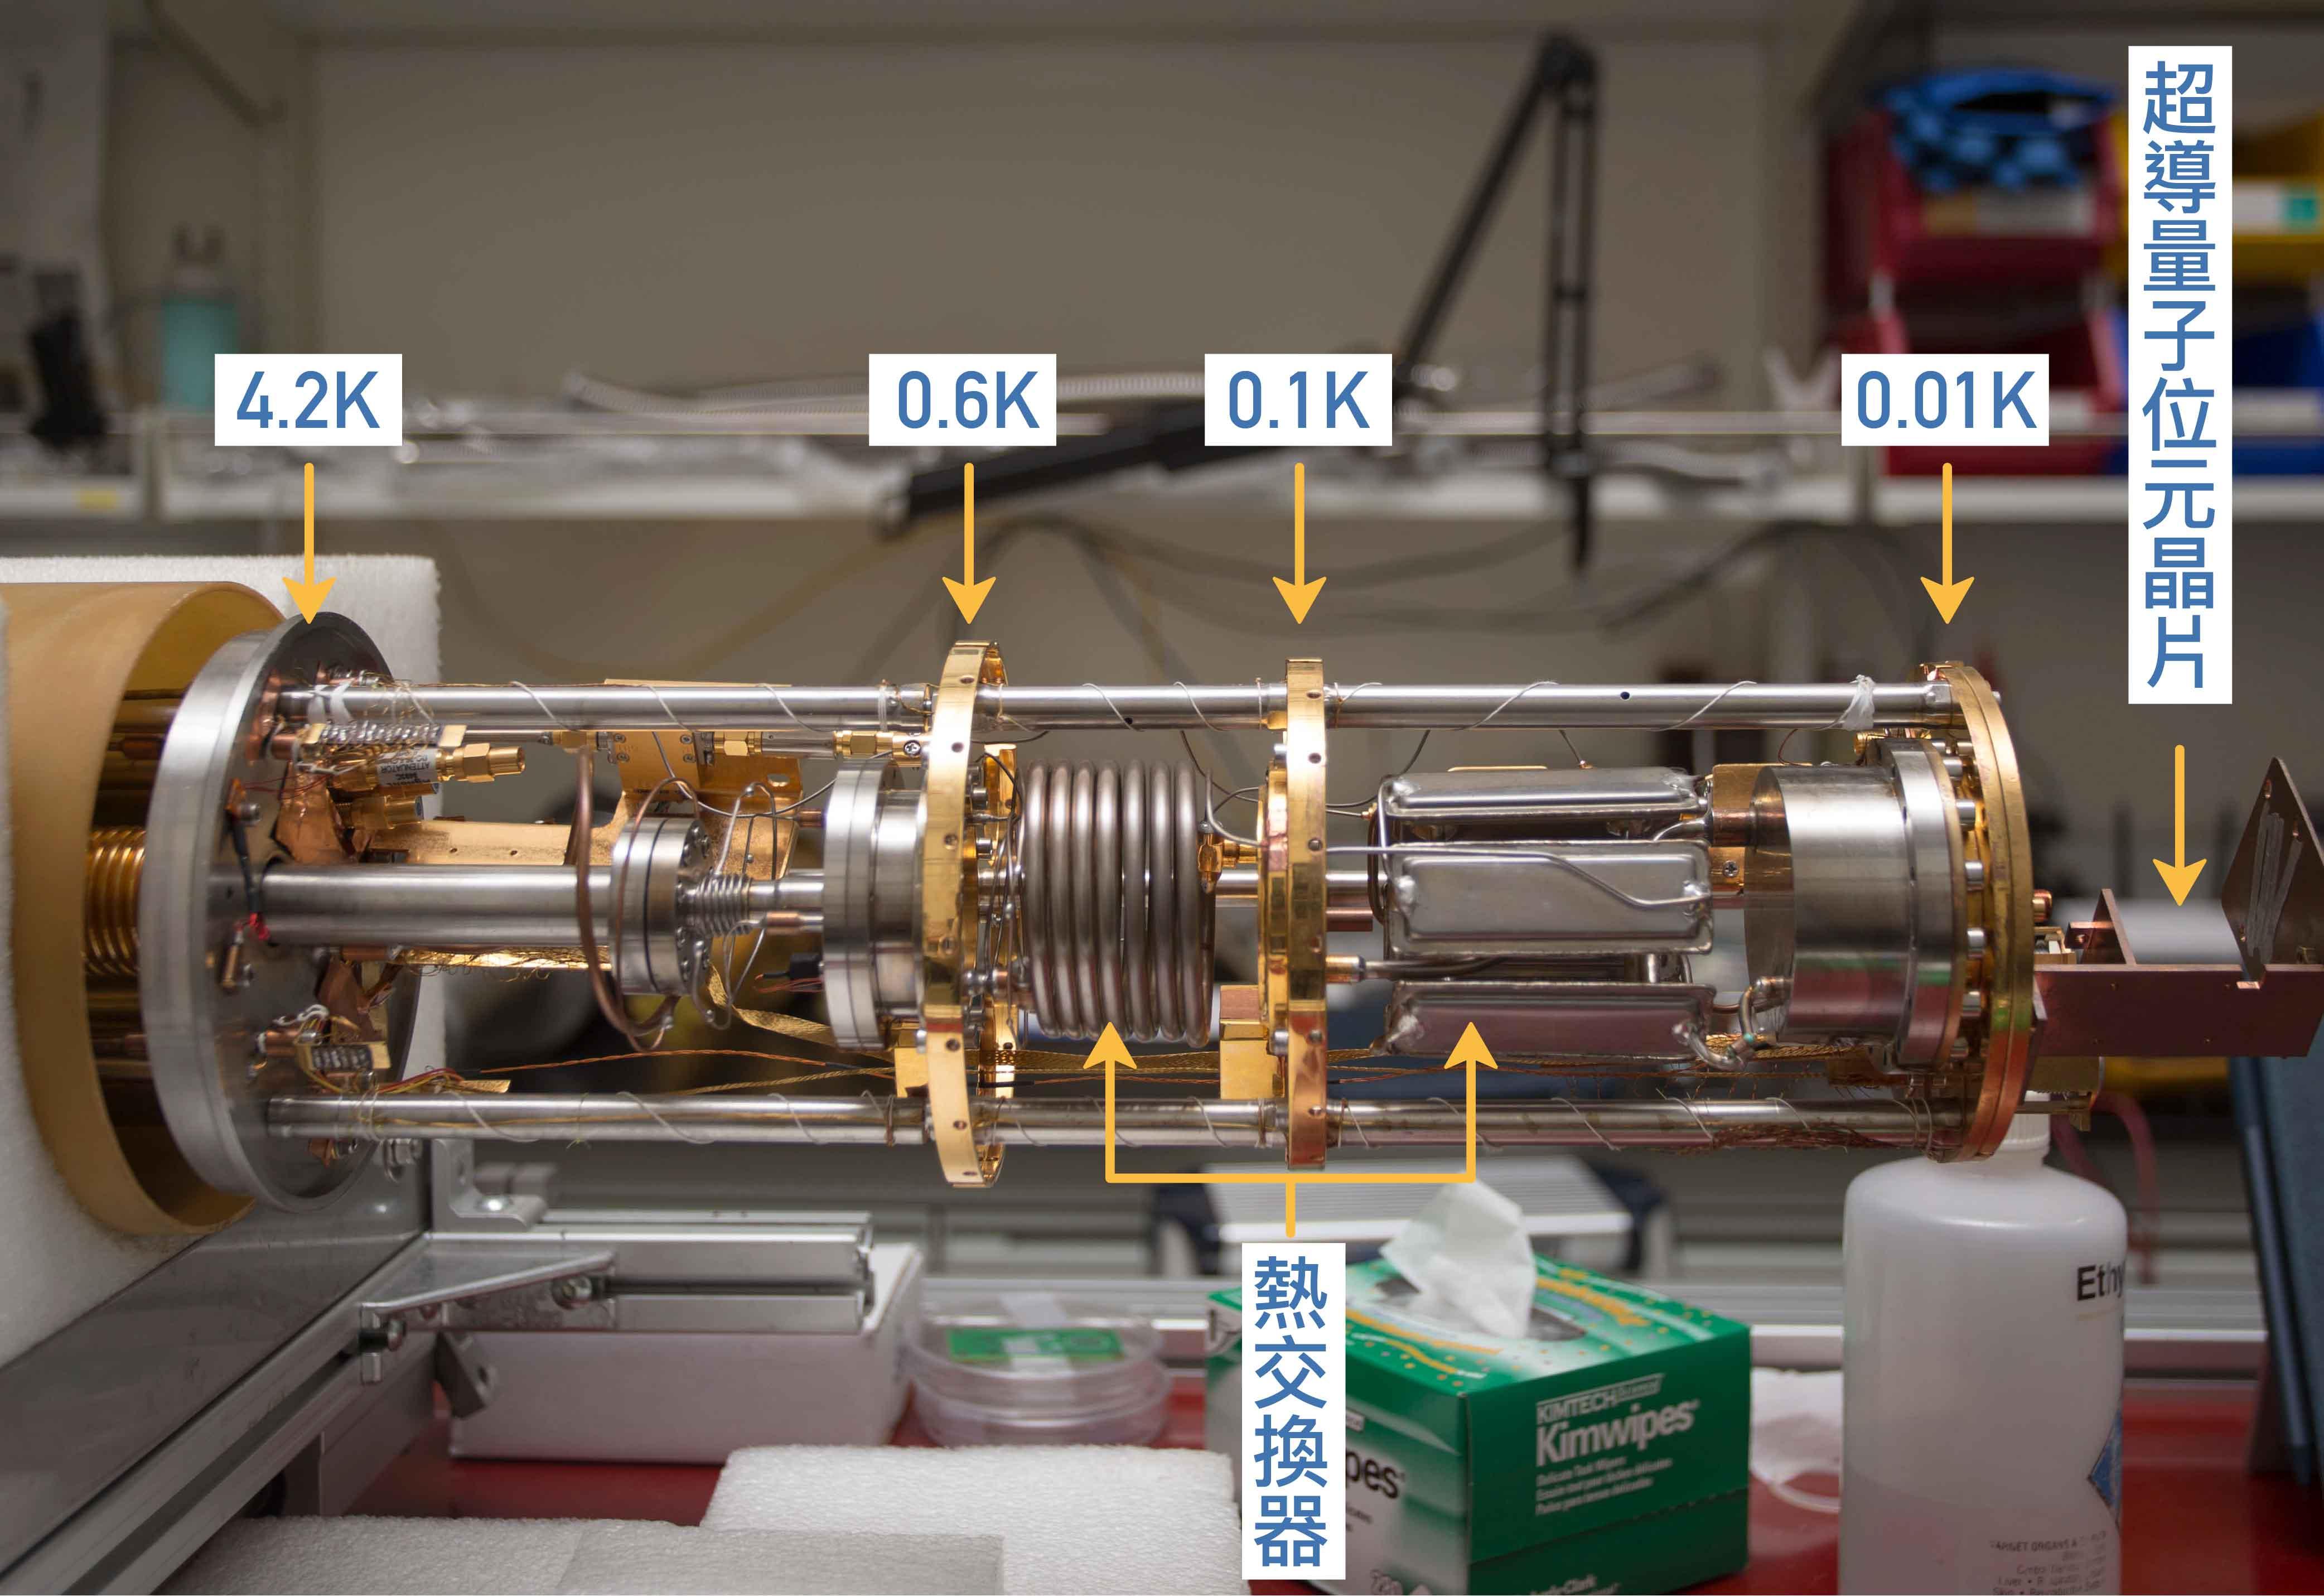 裝載「超導量子位元晶片」的稀釋冷凍機。從左往右圓形層的溫度為 4.2K, 0.6K, 0.1K, 0.01K。螺旋狀結構與片狀結構,為注入的高溫氣體與排出的低溫氣體的熱交換器。圖│研之有物